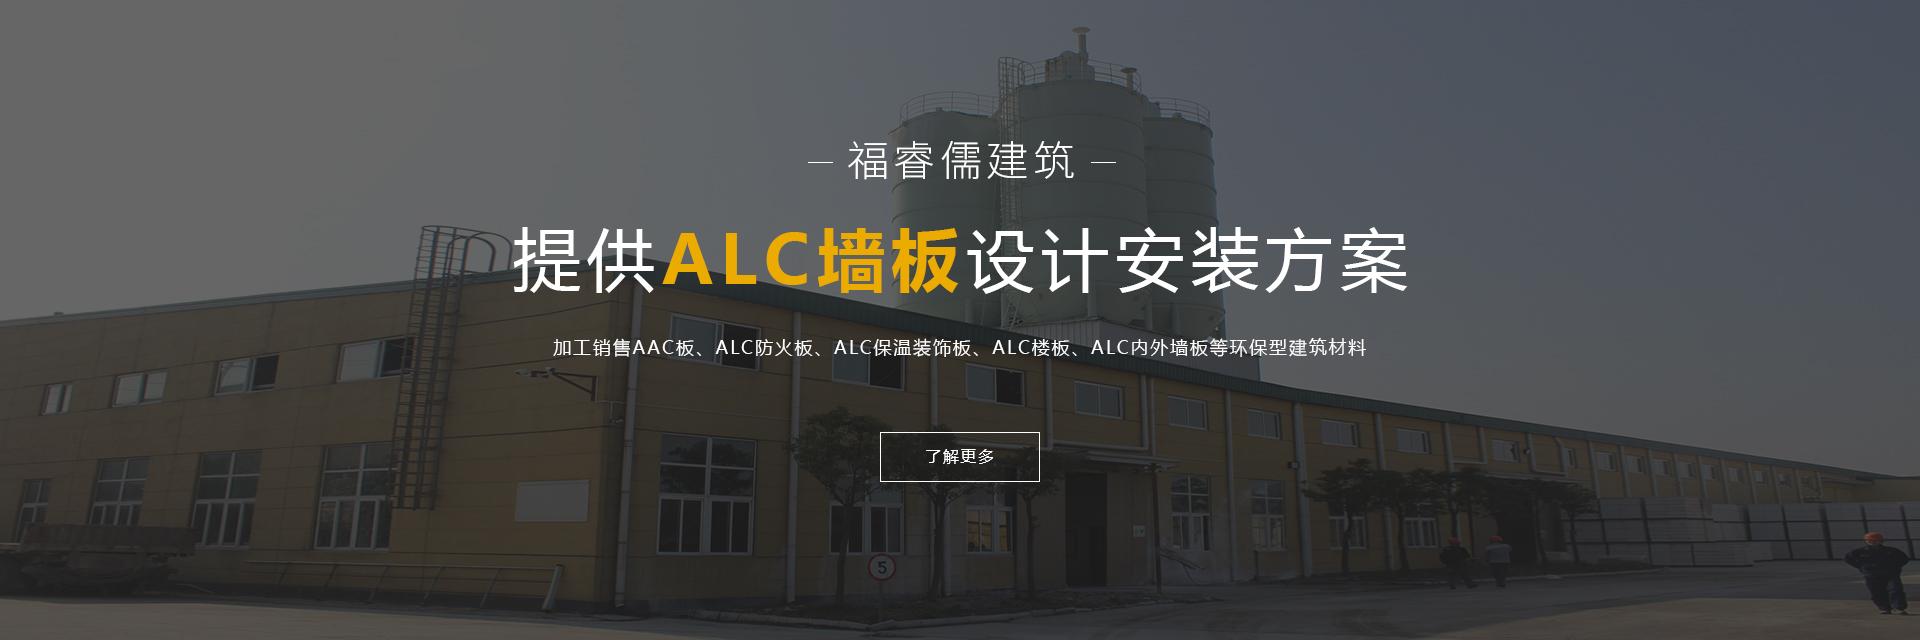 ALC墙板